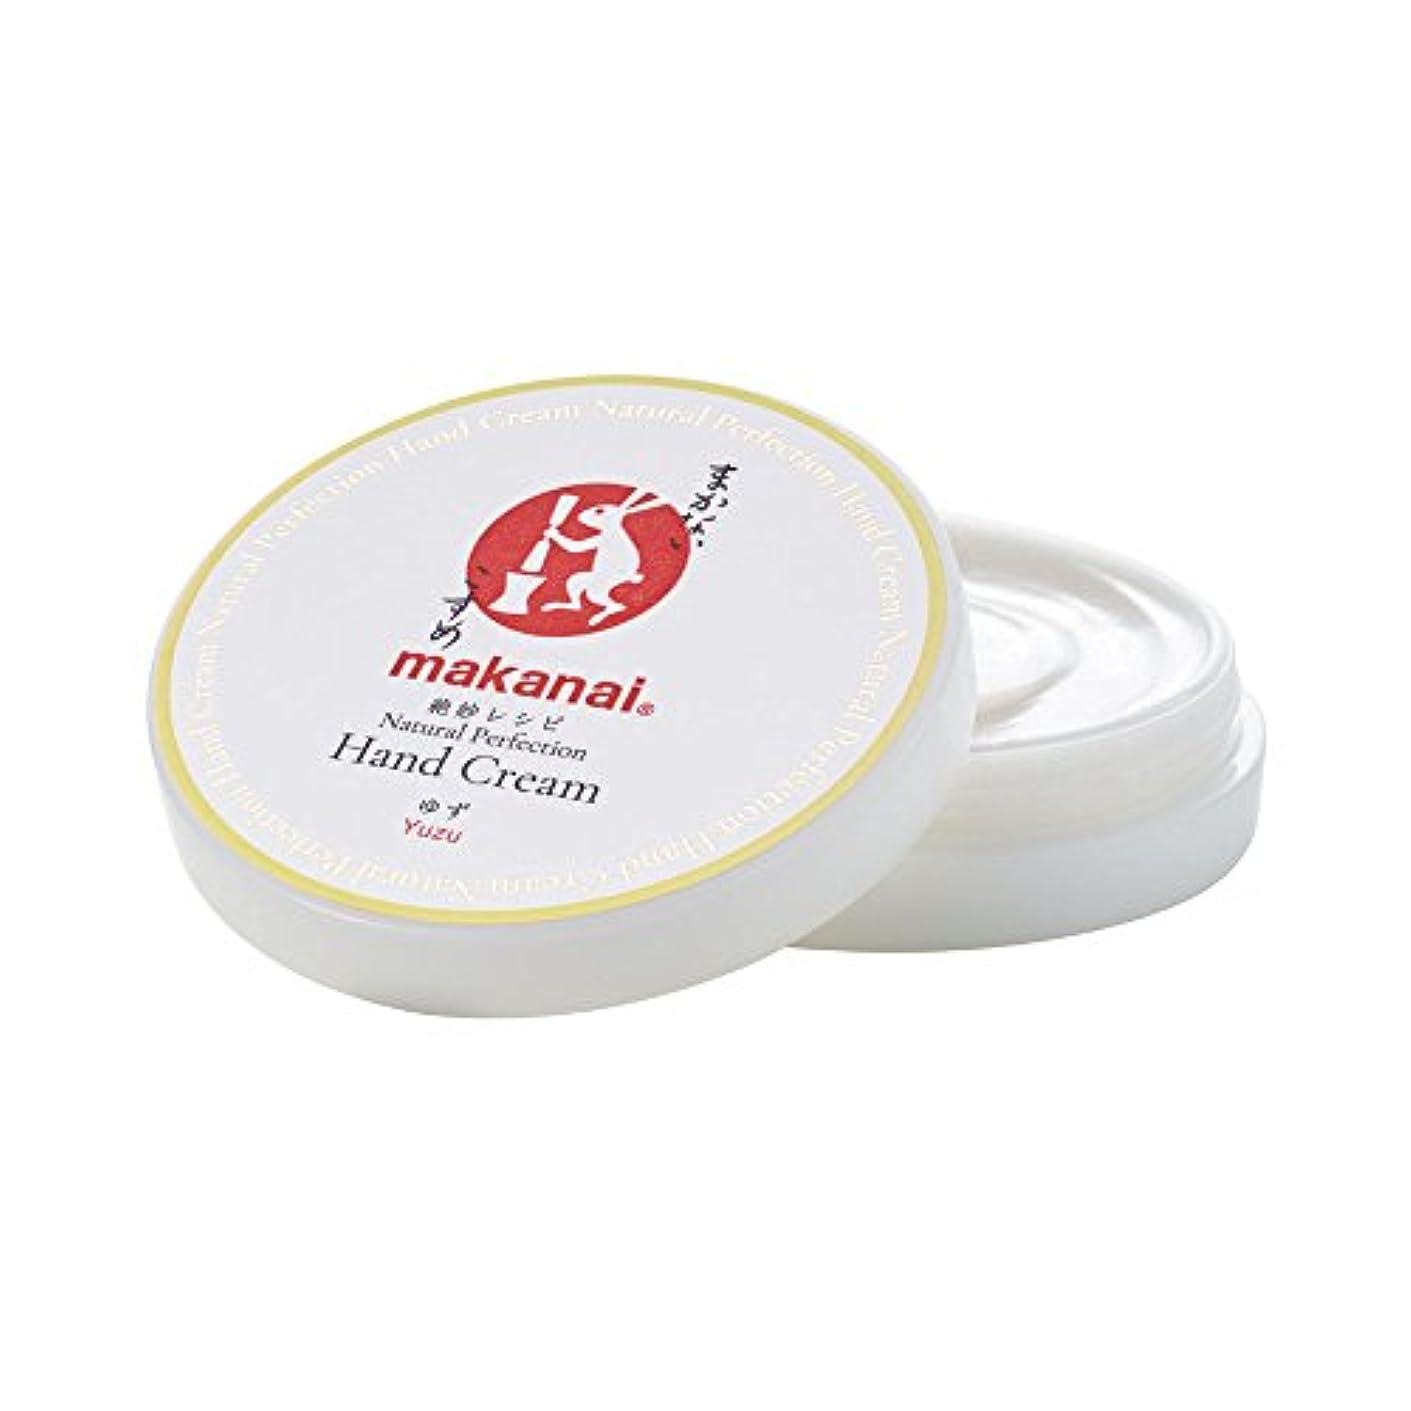 チューブ違反する是正まかないこすめ 絶妙レシピのハンドクリーム(ゆずの香り)30g